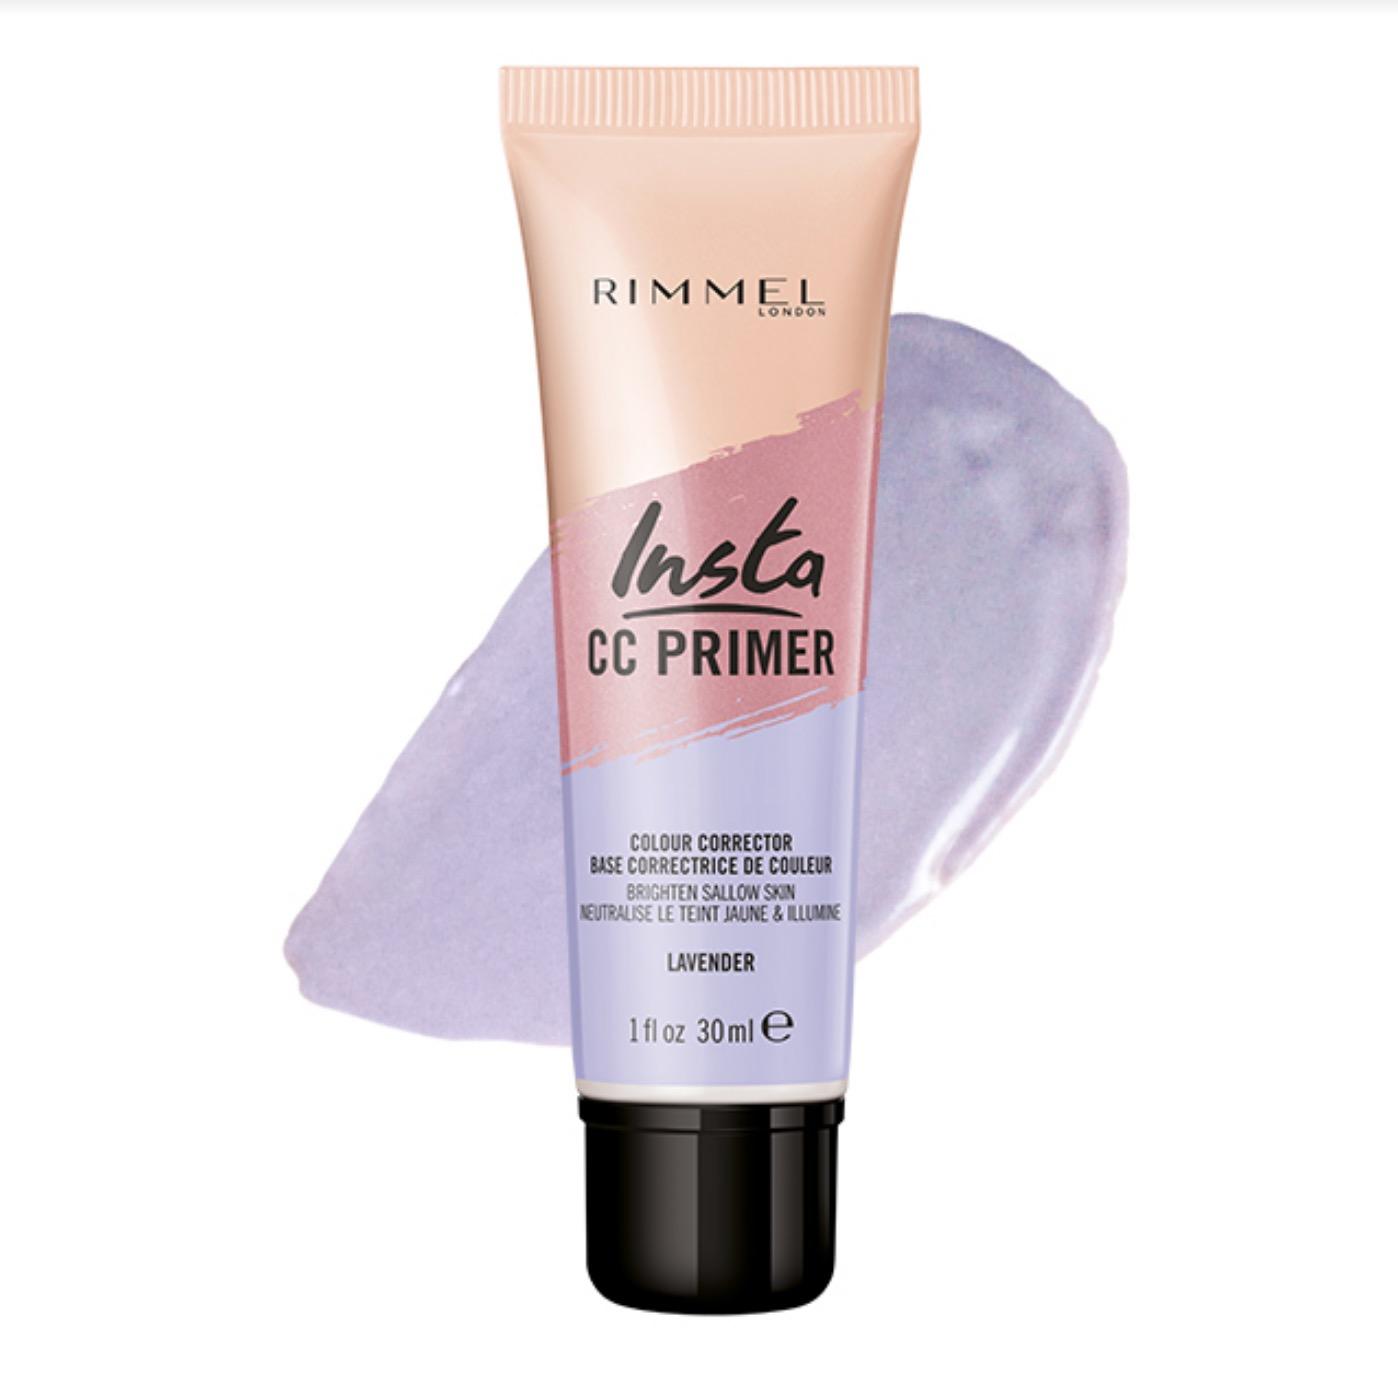 薰衣草紫的色調適合亞洲女生偏黃肌膚,拯救肌膚蠟黃暗沉問題